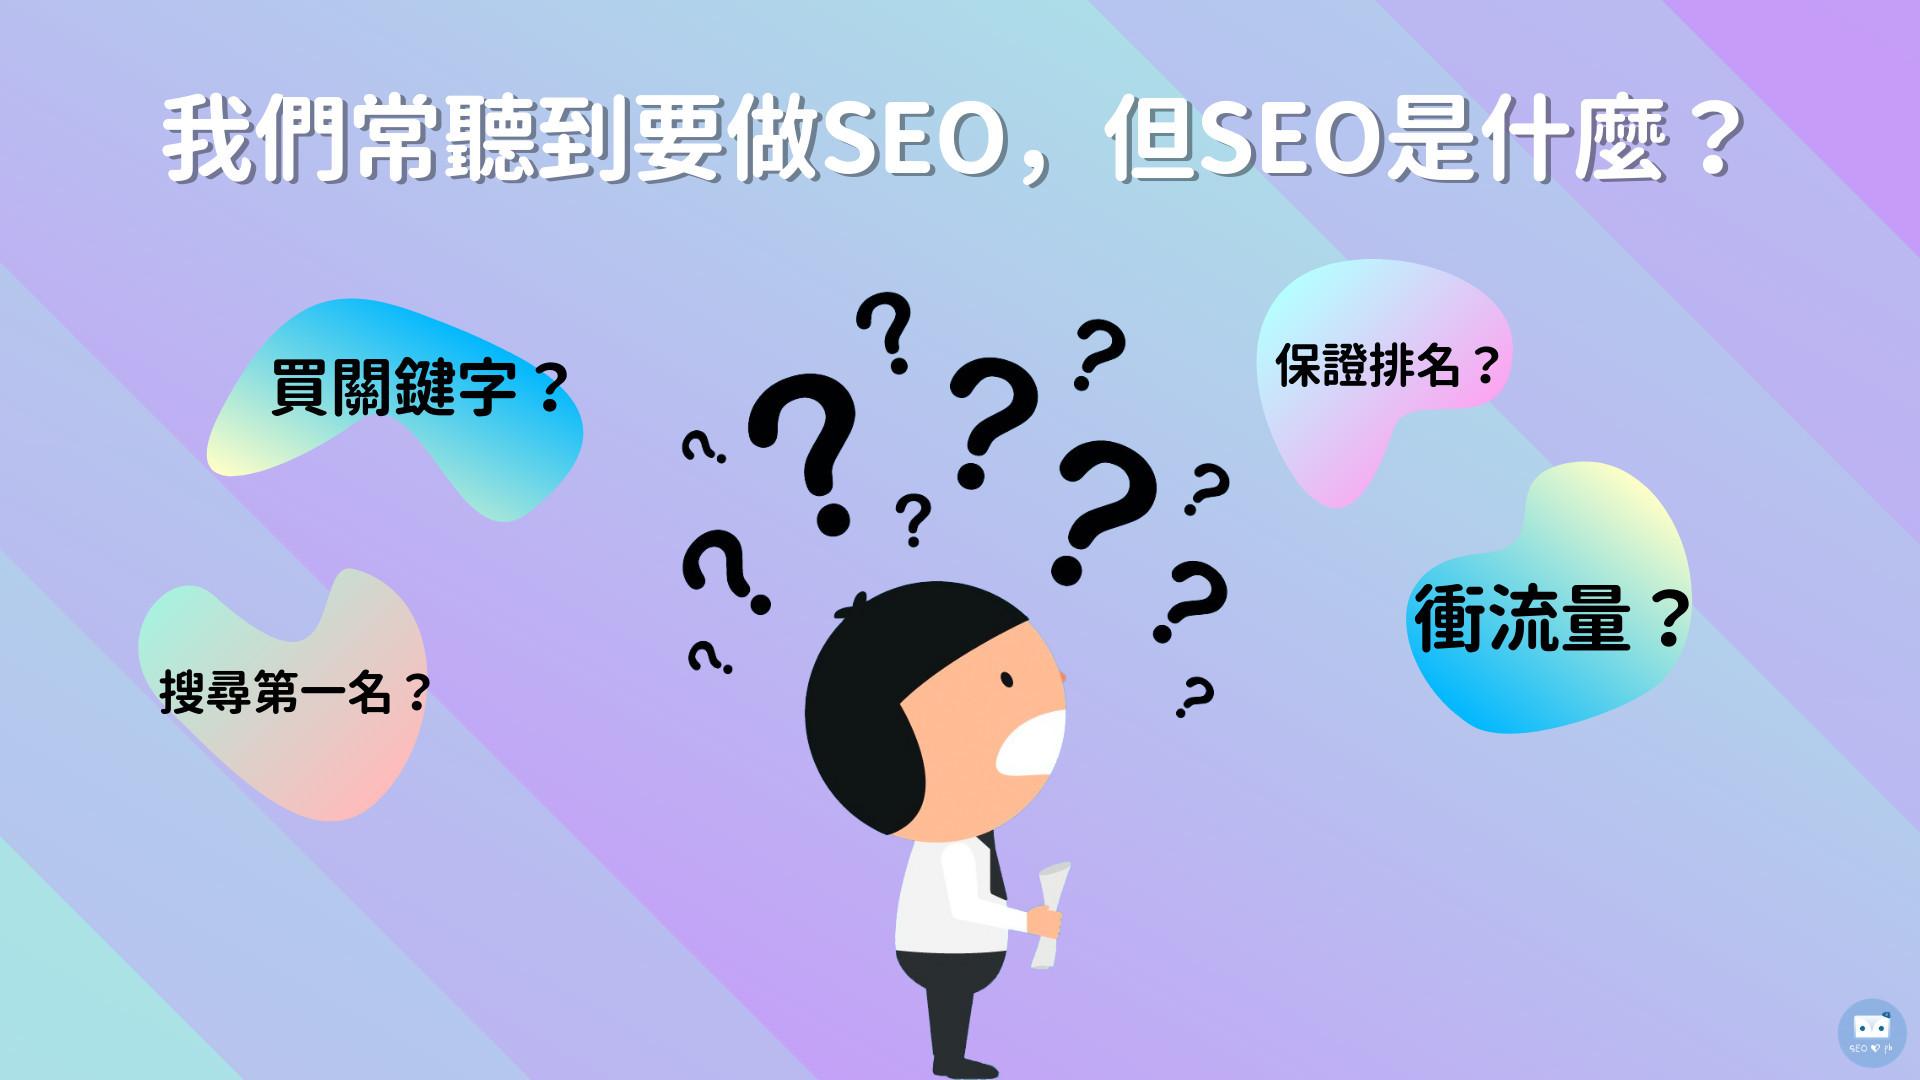 SEO是什麼-2019 SEO優化入門懶人包-鯊客科技SEO優化公司